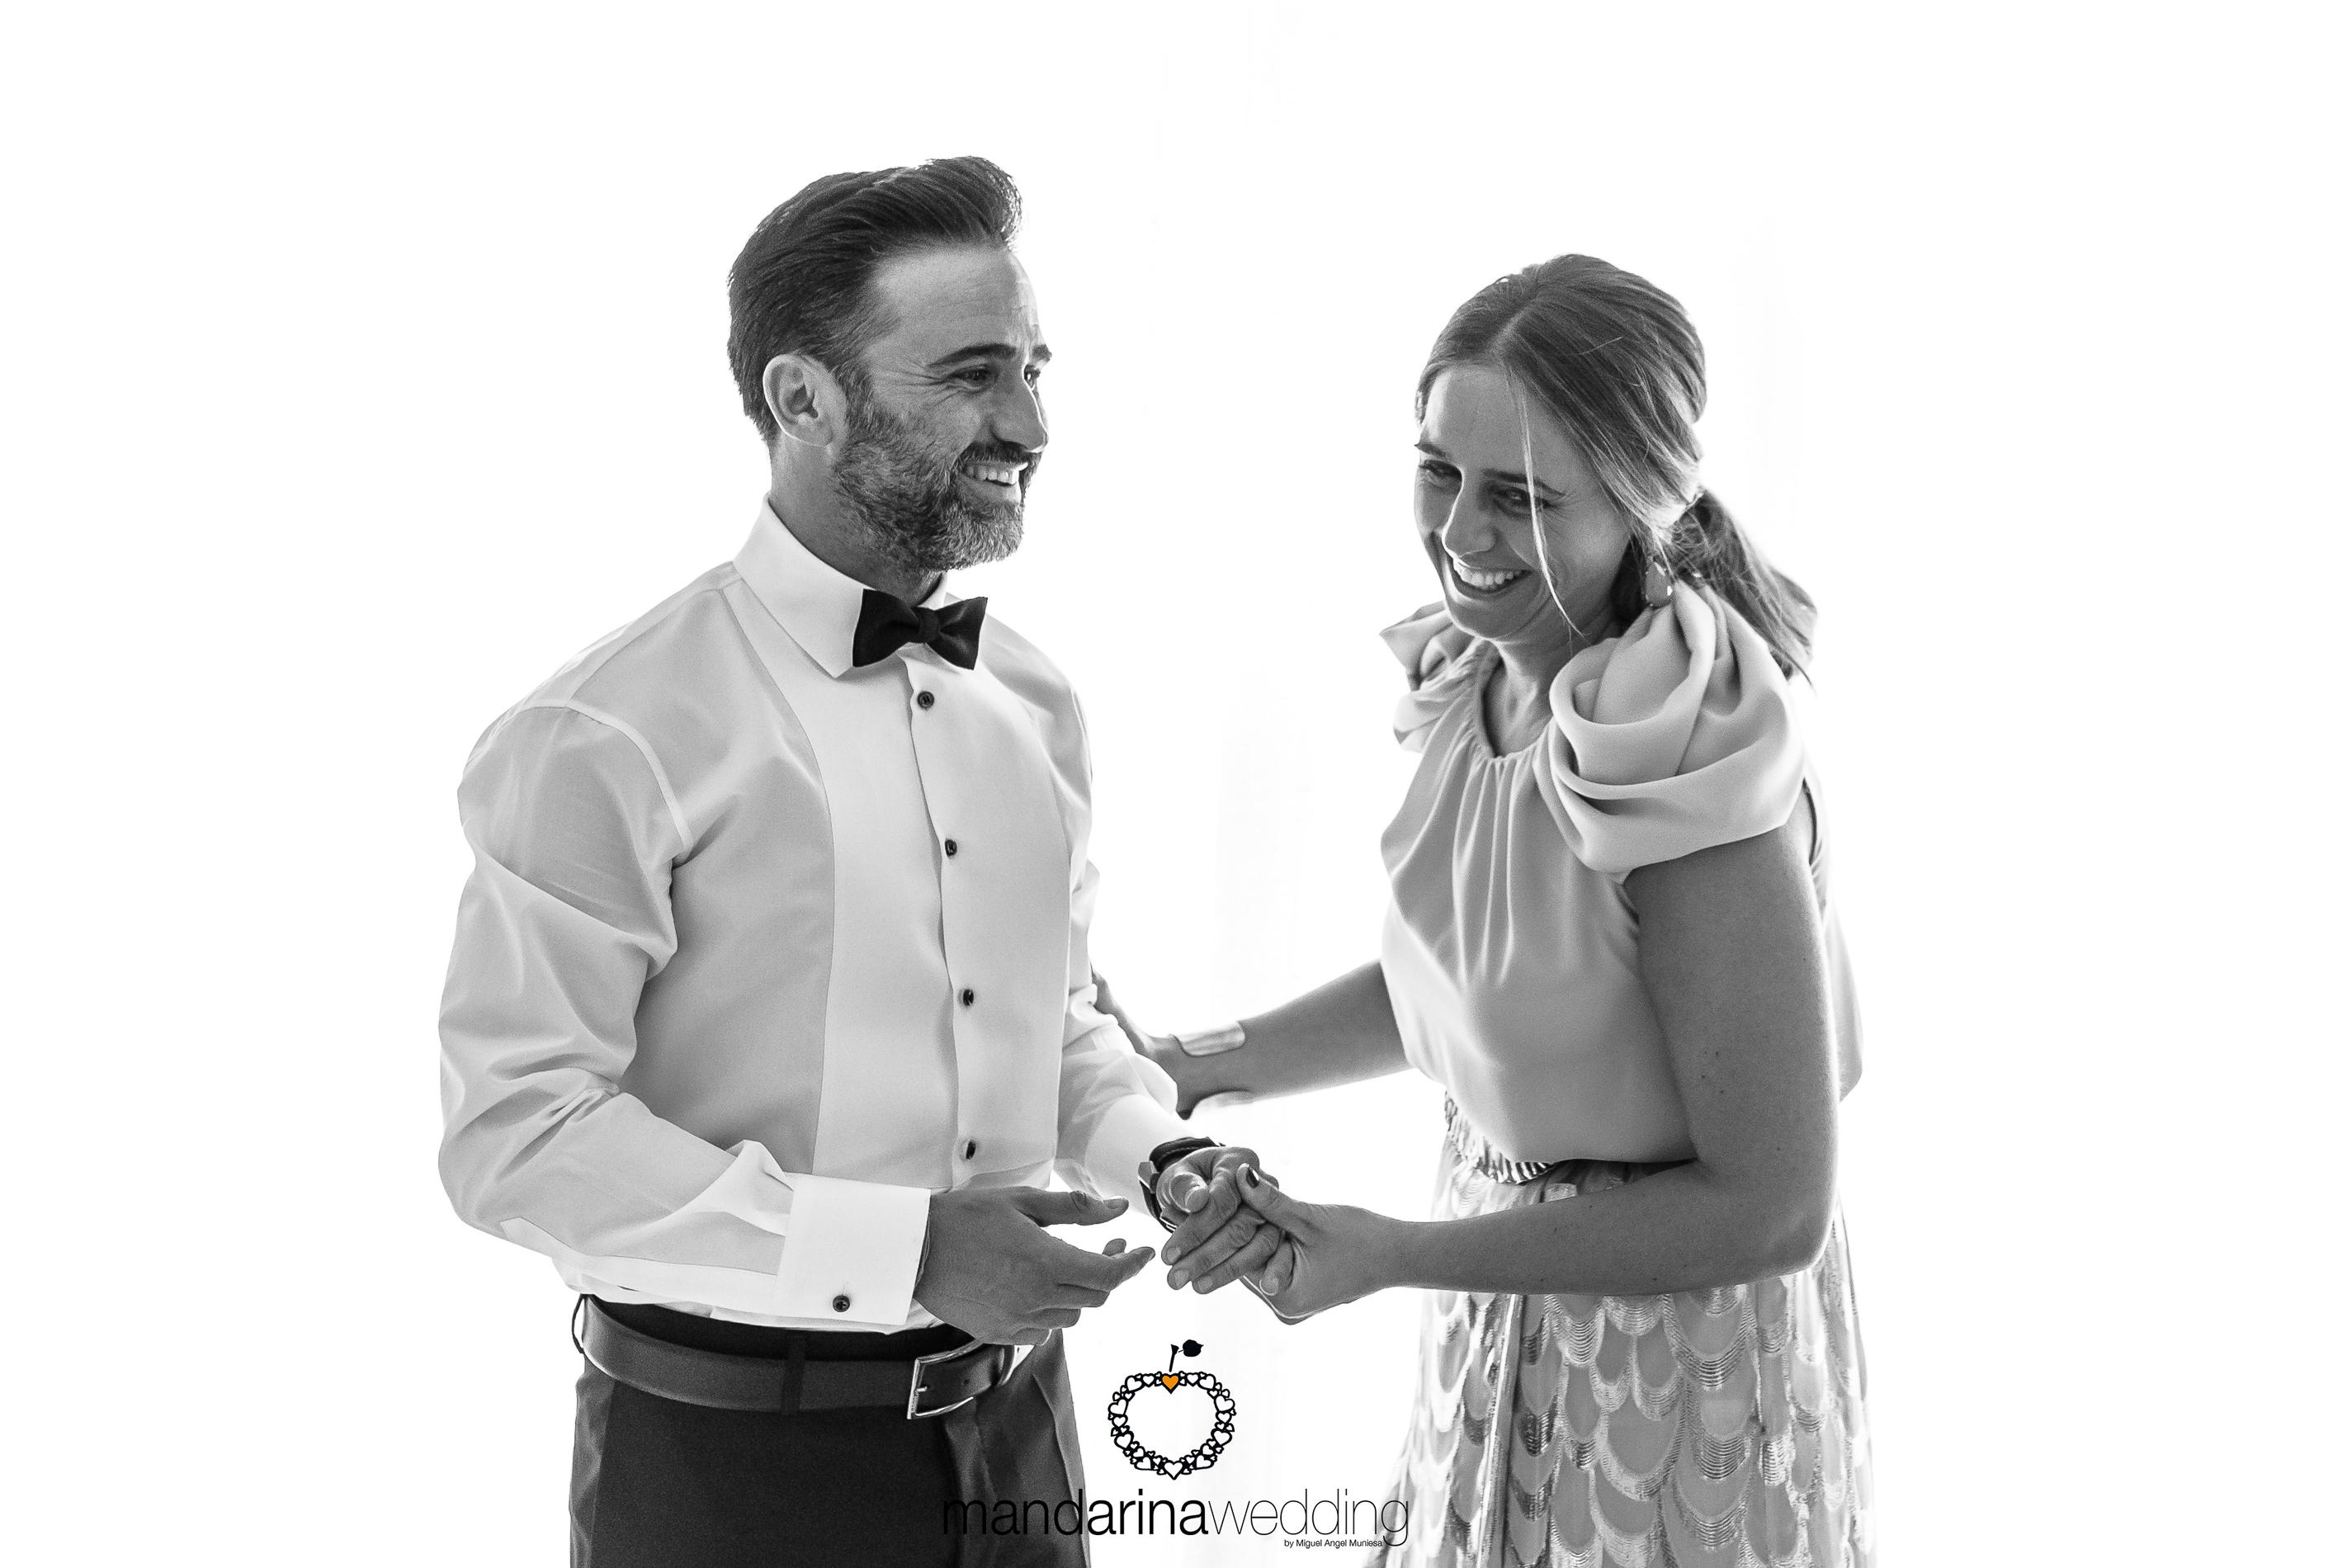 mandarina-wedding-fotografos-boda-zaragoza-bodas-fotografia-de-boda-fotografos-de-boda_08